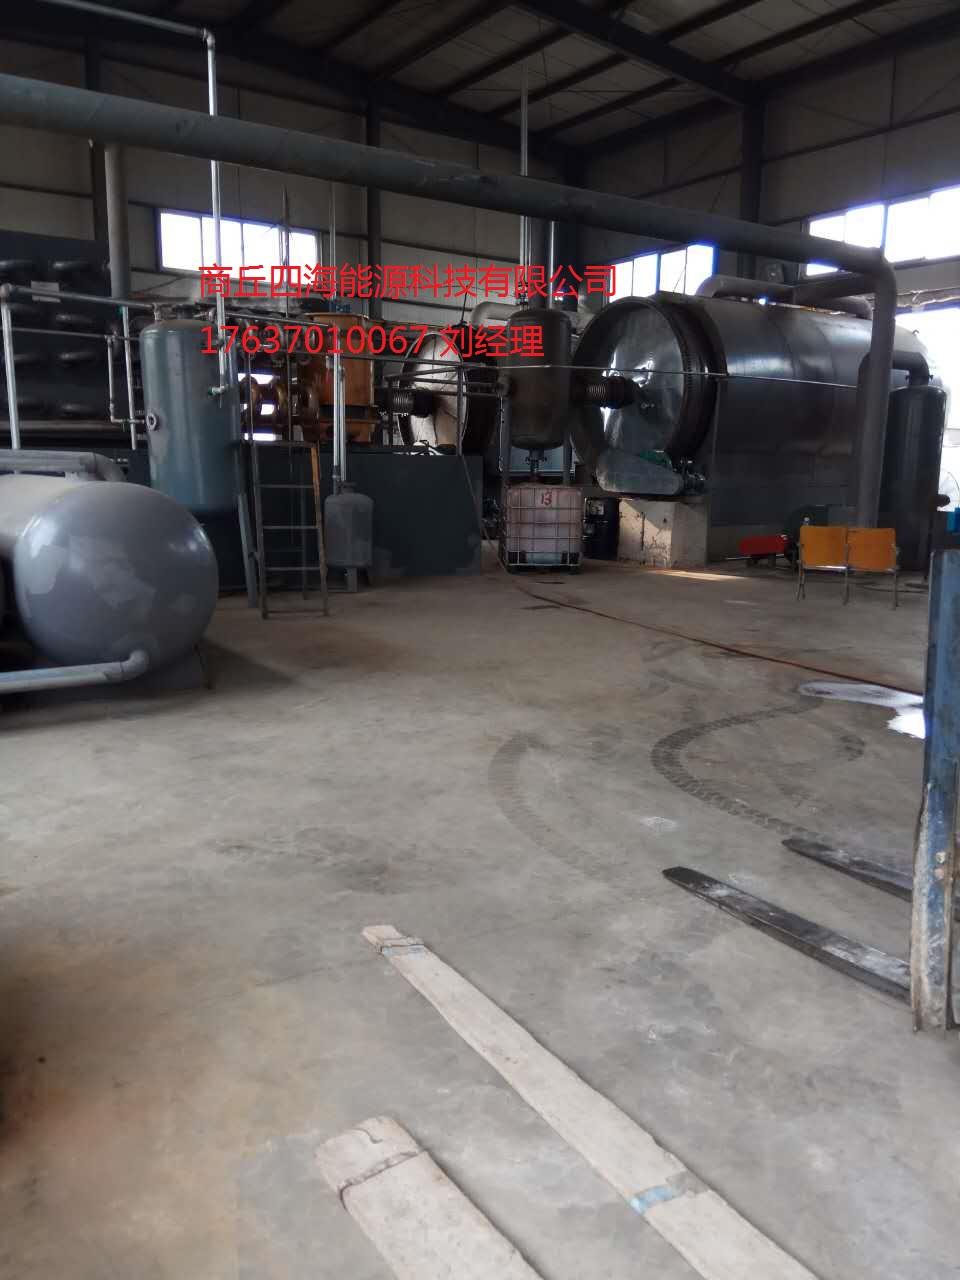 商丘四海专业供应油泥提炼 中国炼油设备工厂